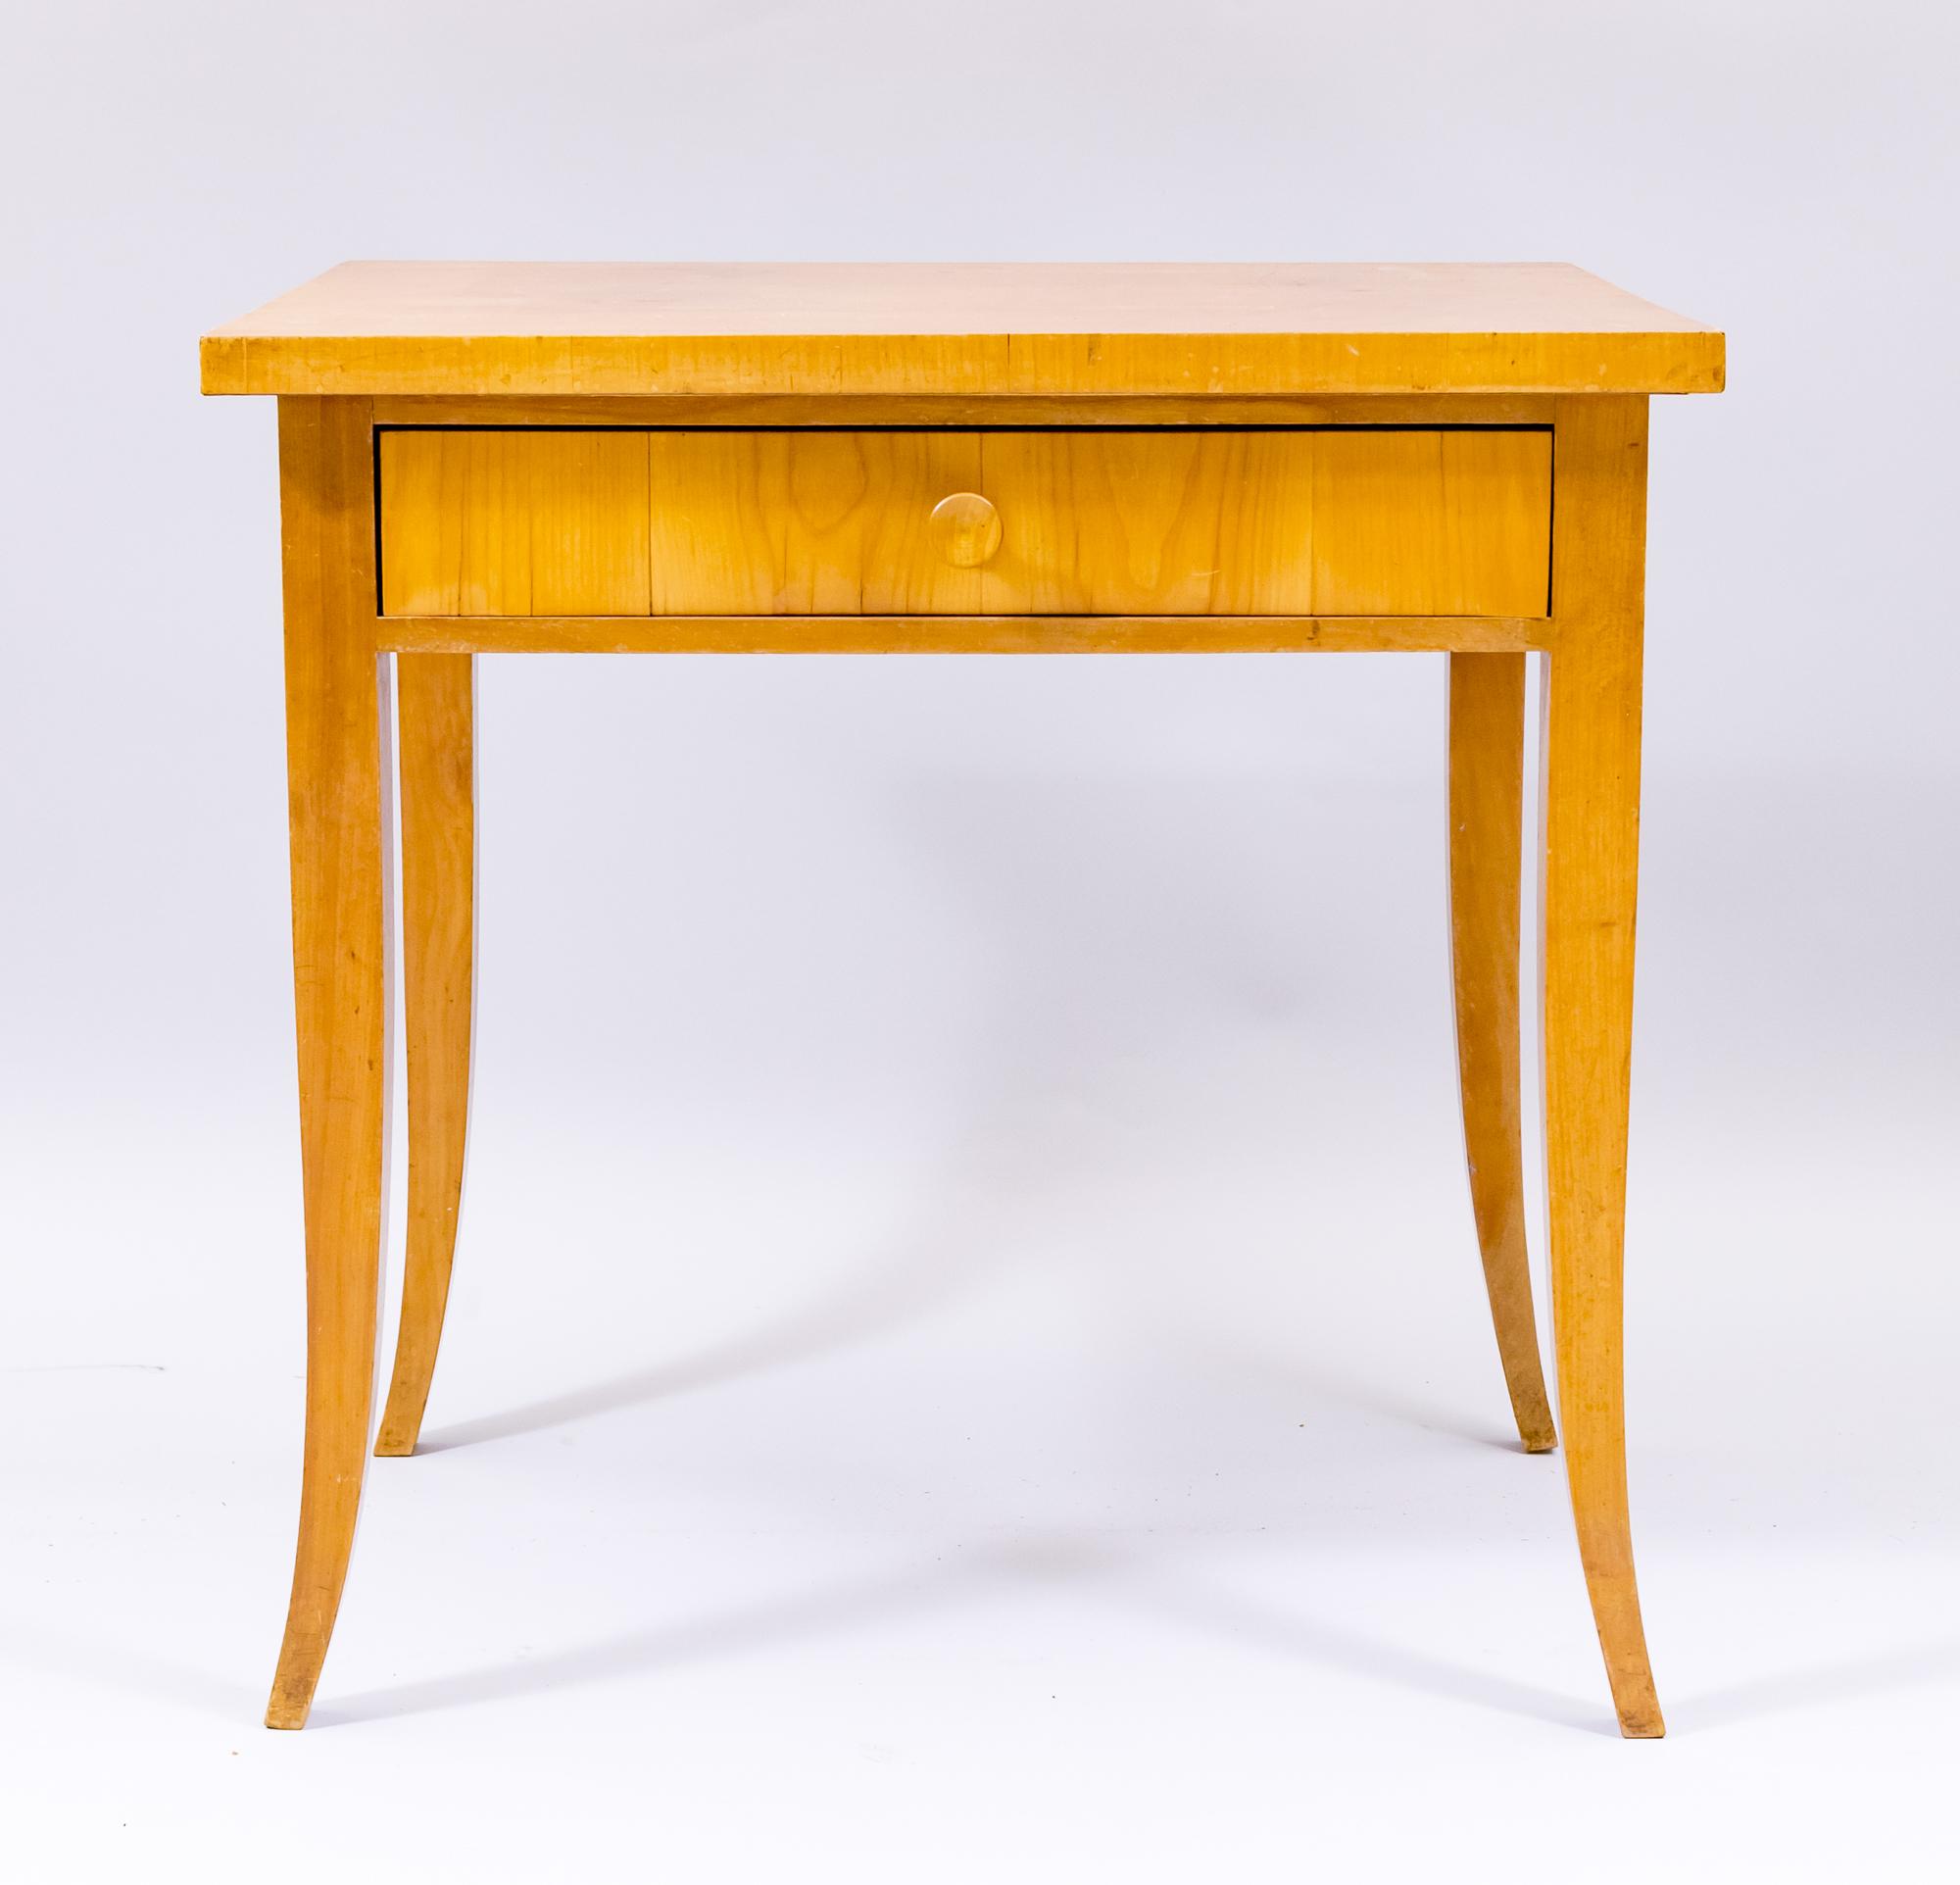 Tisch, restaurieren, kaufen, verkaufen